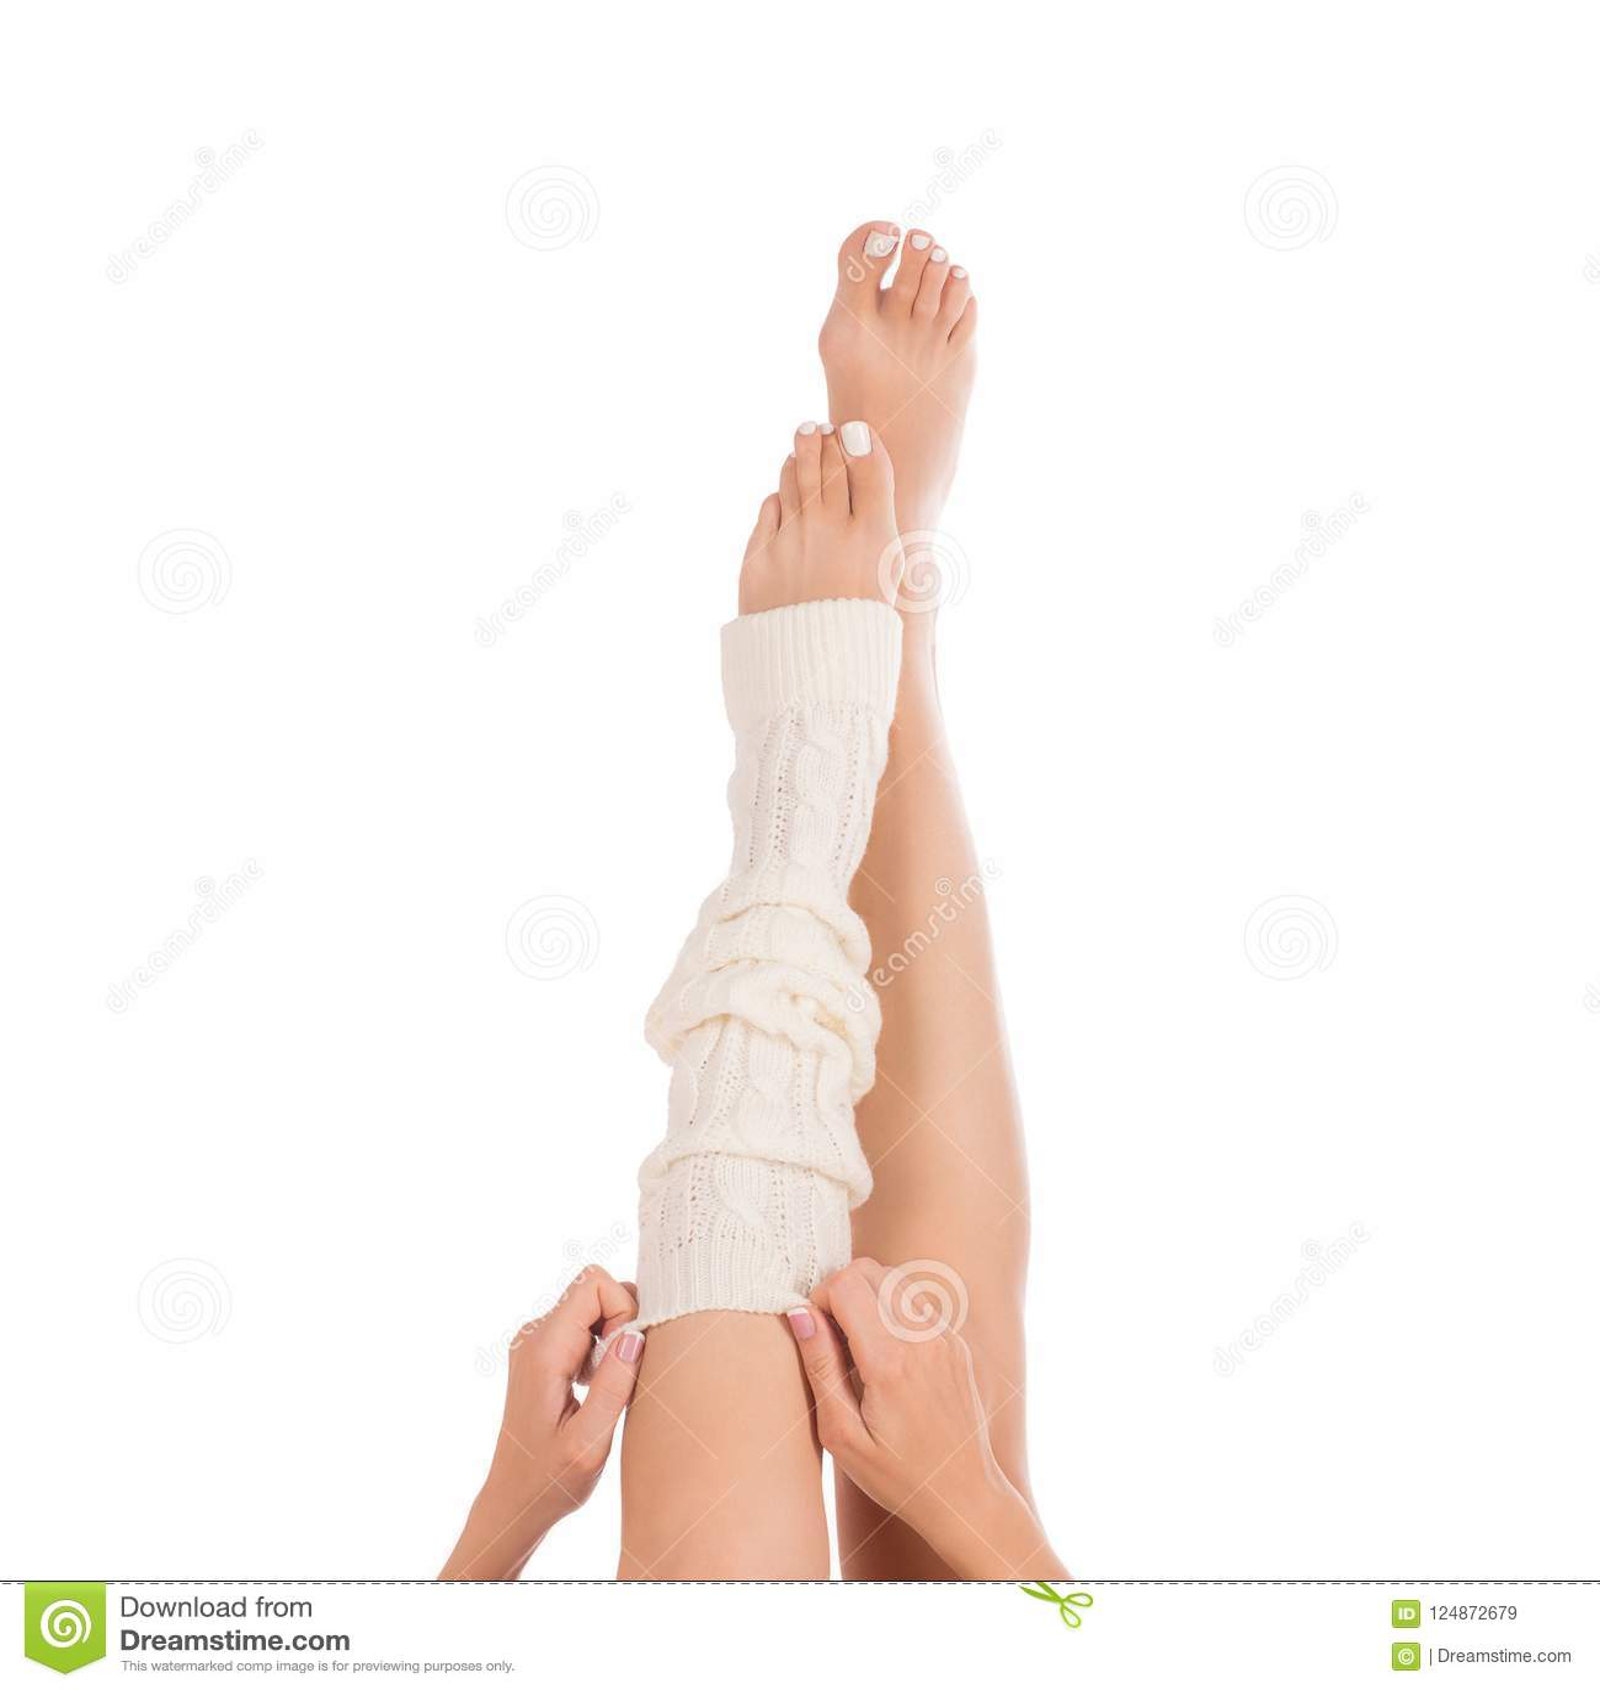 Θηλυκά πόδια στο άσπρο μαγκάλι ποδιών Θηλυκά χέρια που βάζουν σε μια περικνημίδα Άσπρο pedicure, γαλλικό μανικιούρ Κλείστε επάνω,